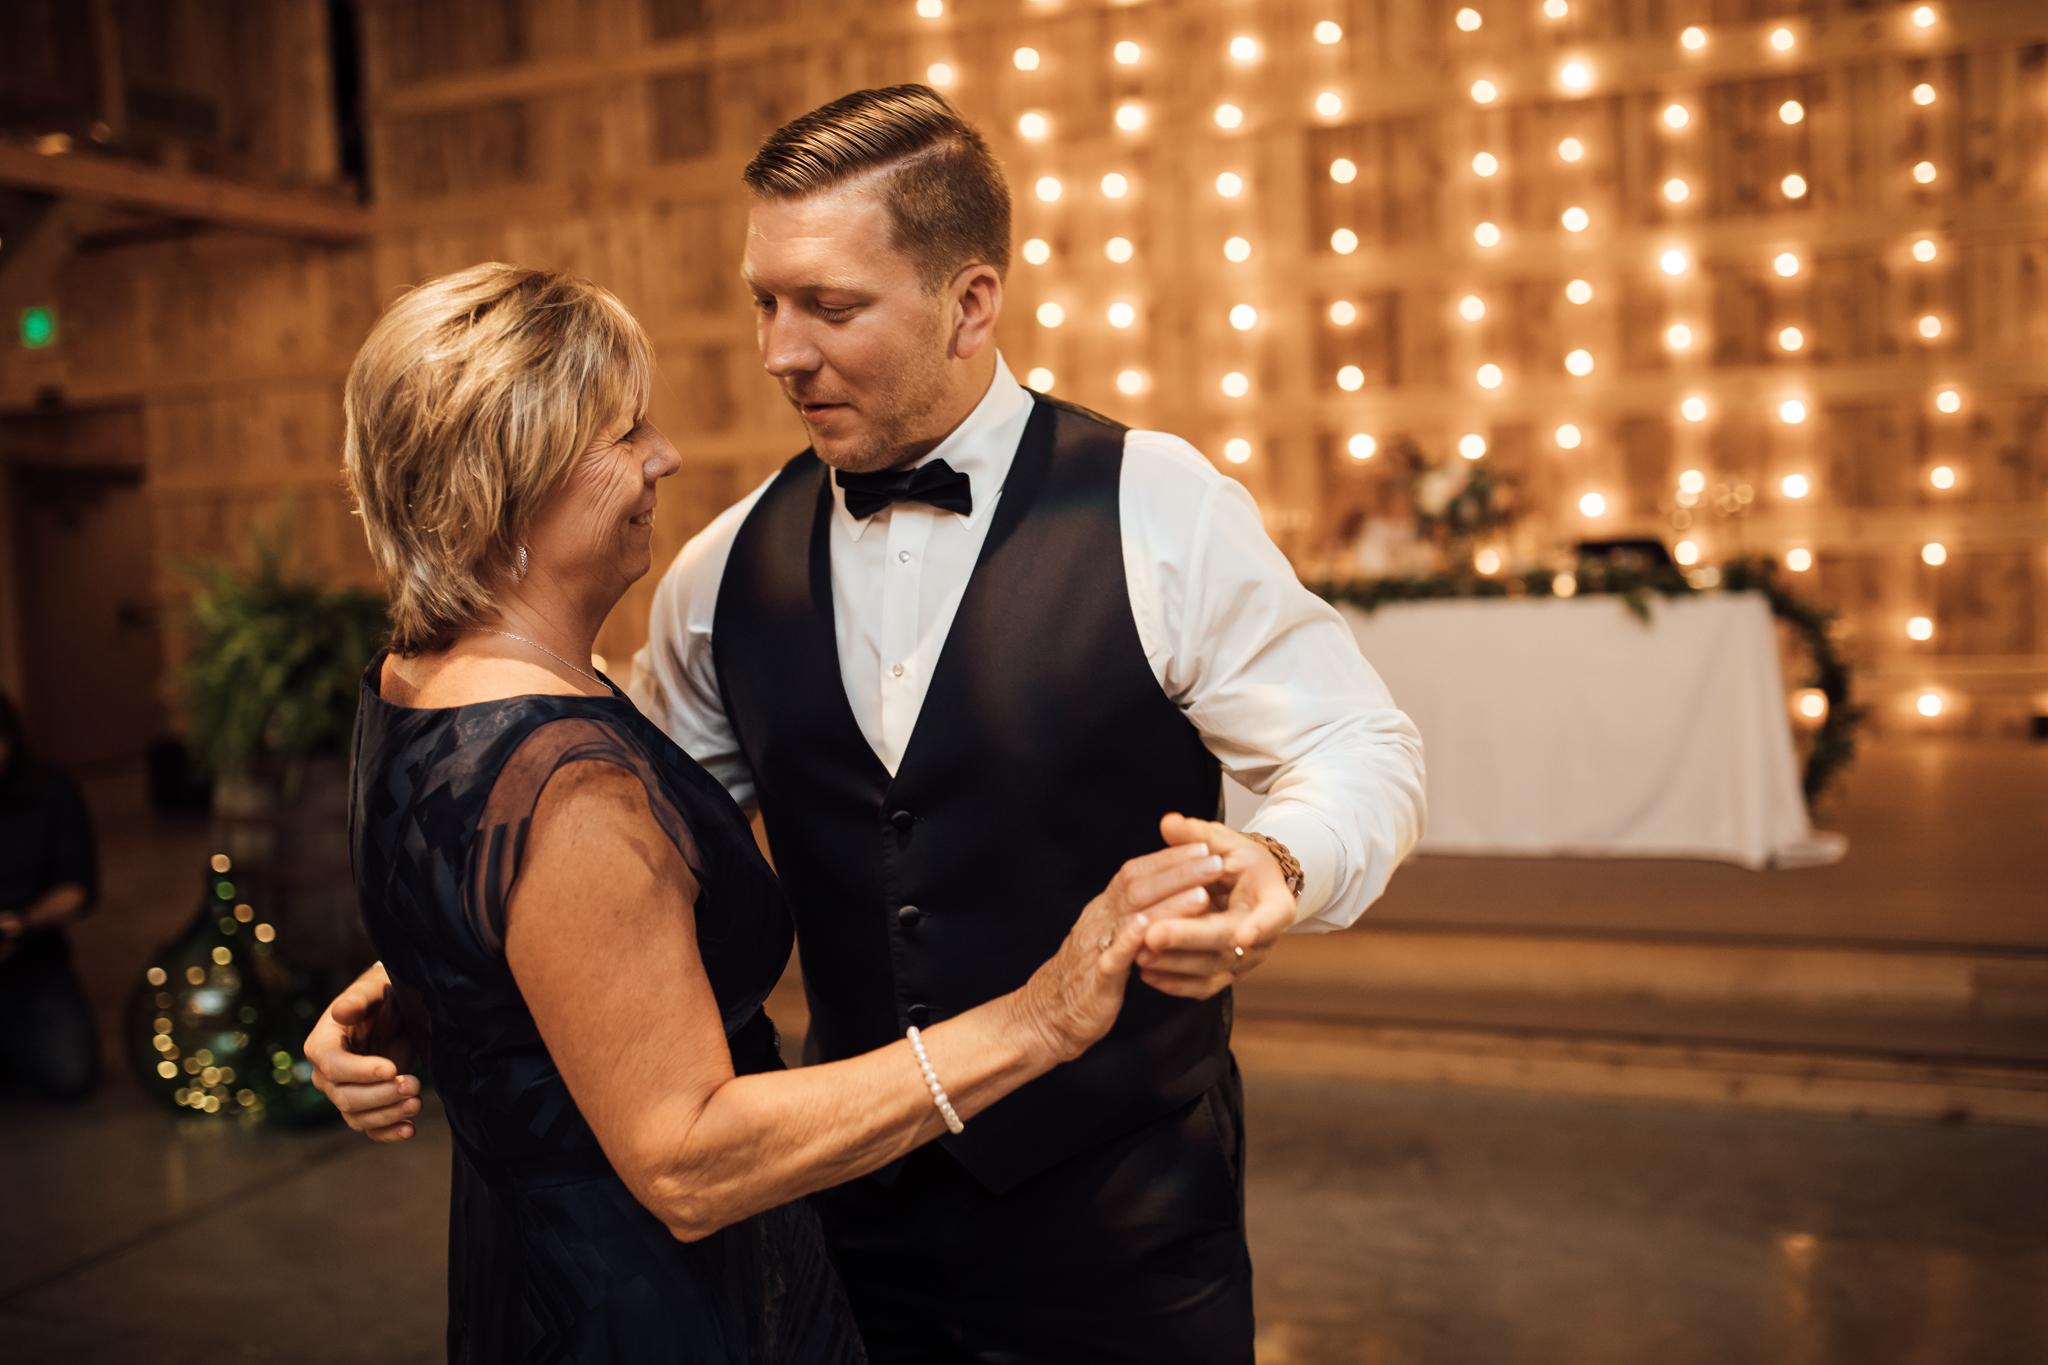 saddlewoodsfarms-nashville-wedding-photographer-thewarmtharoundyou-rustic-wedding (75 of 251).jpg